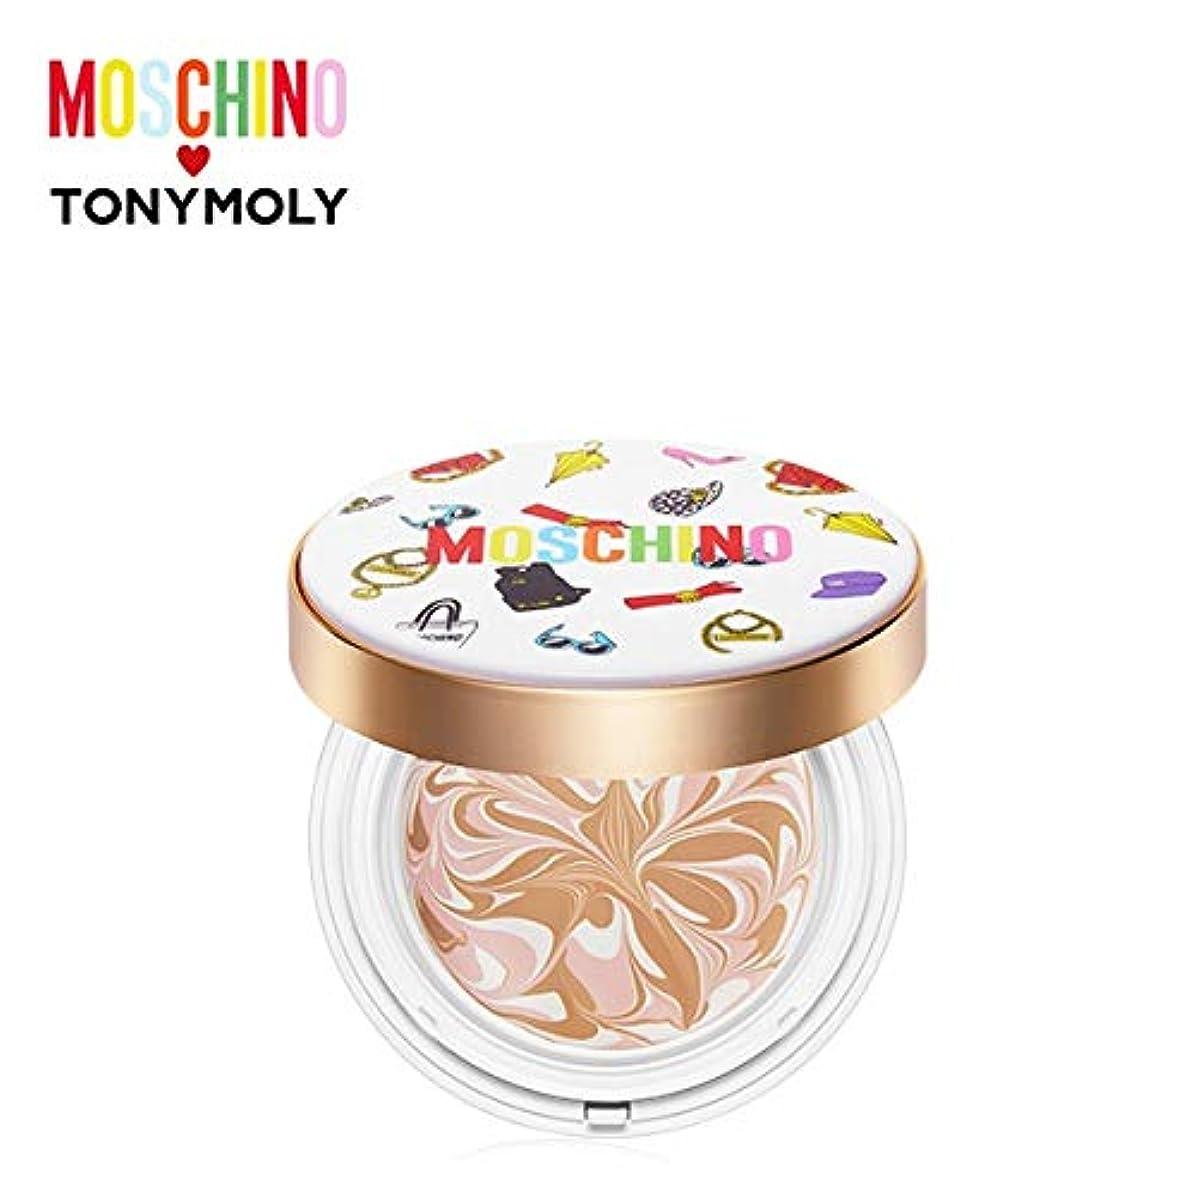 バンガロー尽きる成果トニーモリー [モスキーノ] シック スキン エッセンス パクト 18g TONYMOLY [MOSCHINO] Chic Skin Essence Pact #02 CHIC BEIGE [並行輸入品]